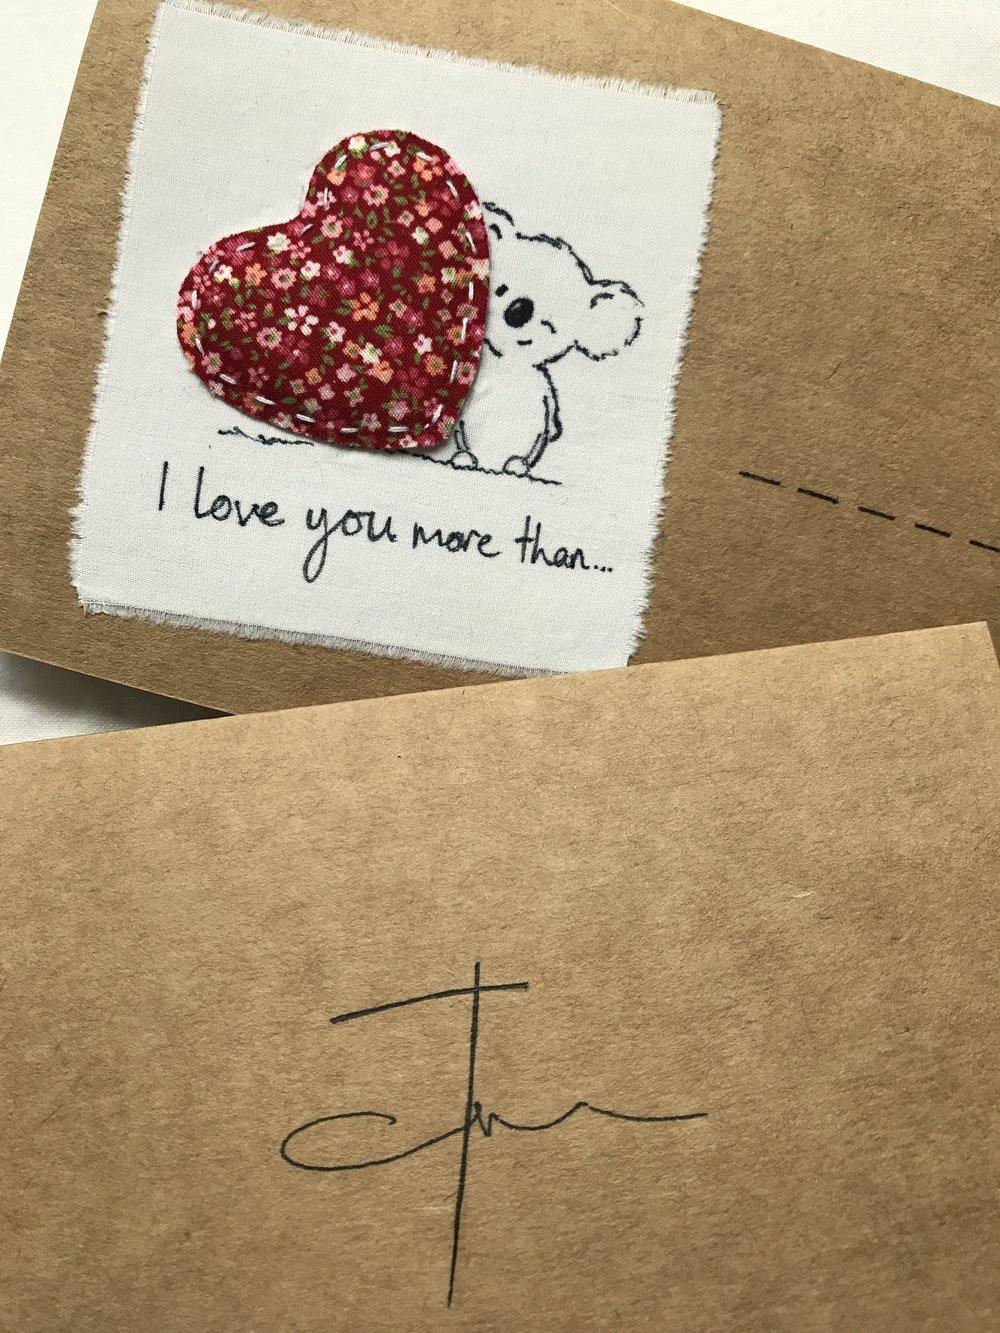 mai love notes by csevenm9.jpg